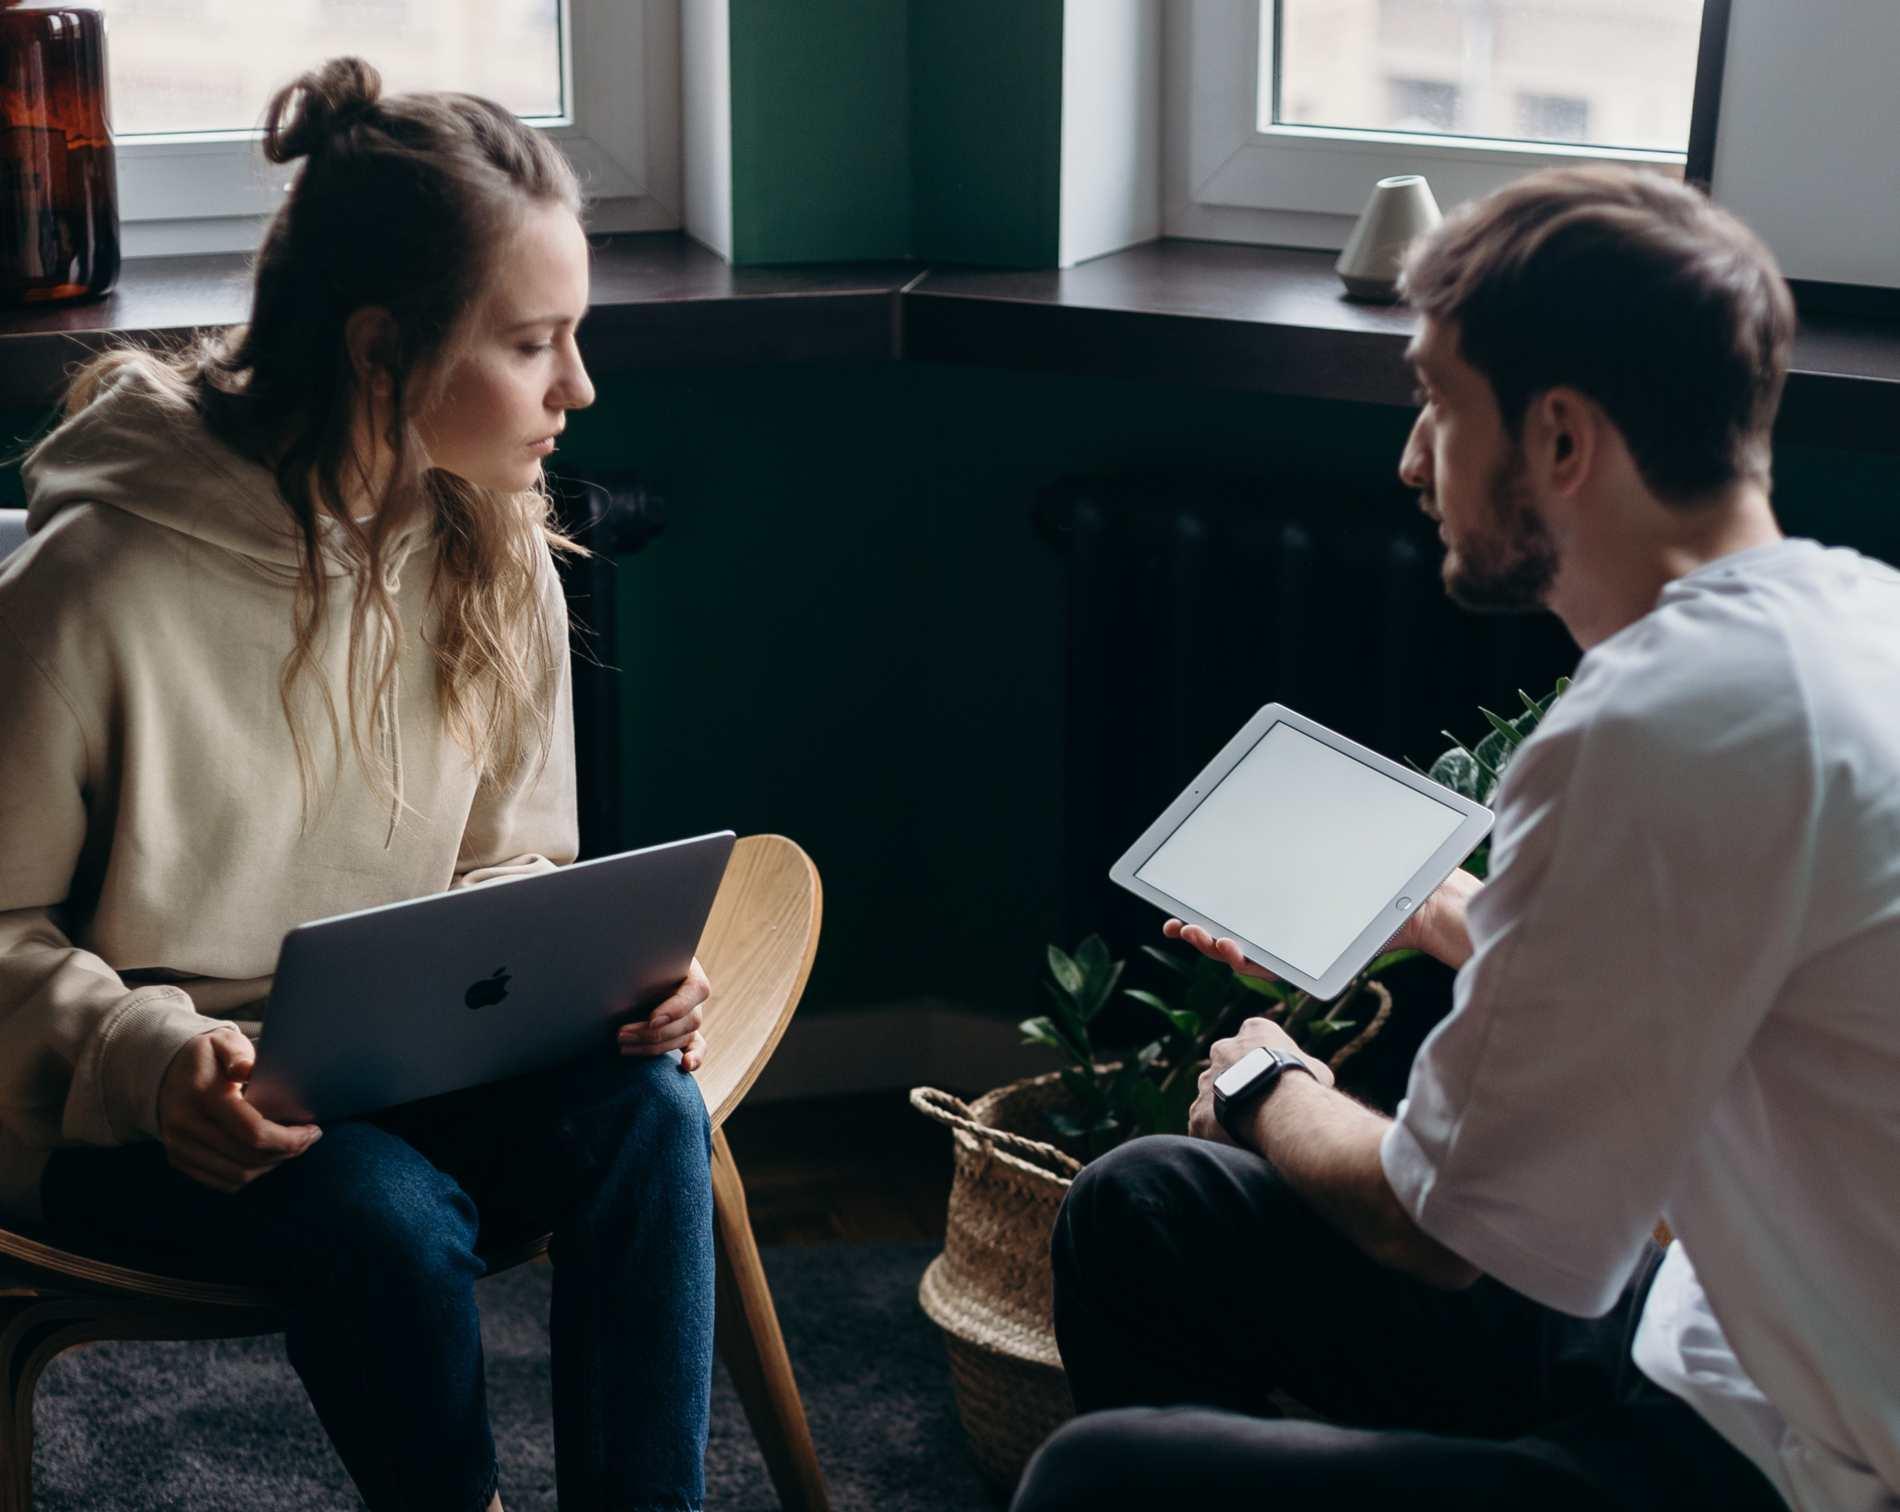 Qué hacer para llevar una buena convivencia en pareja